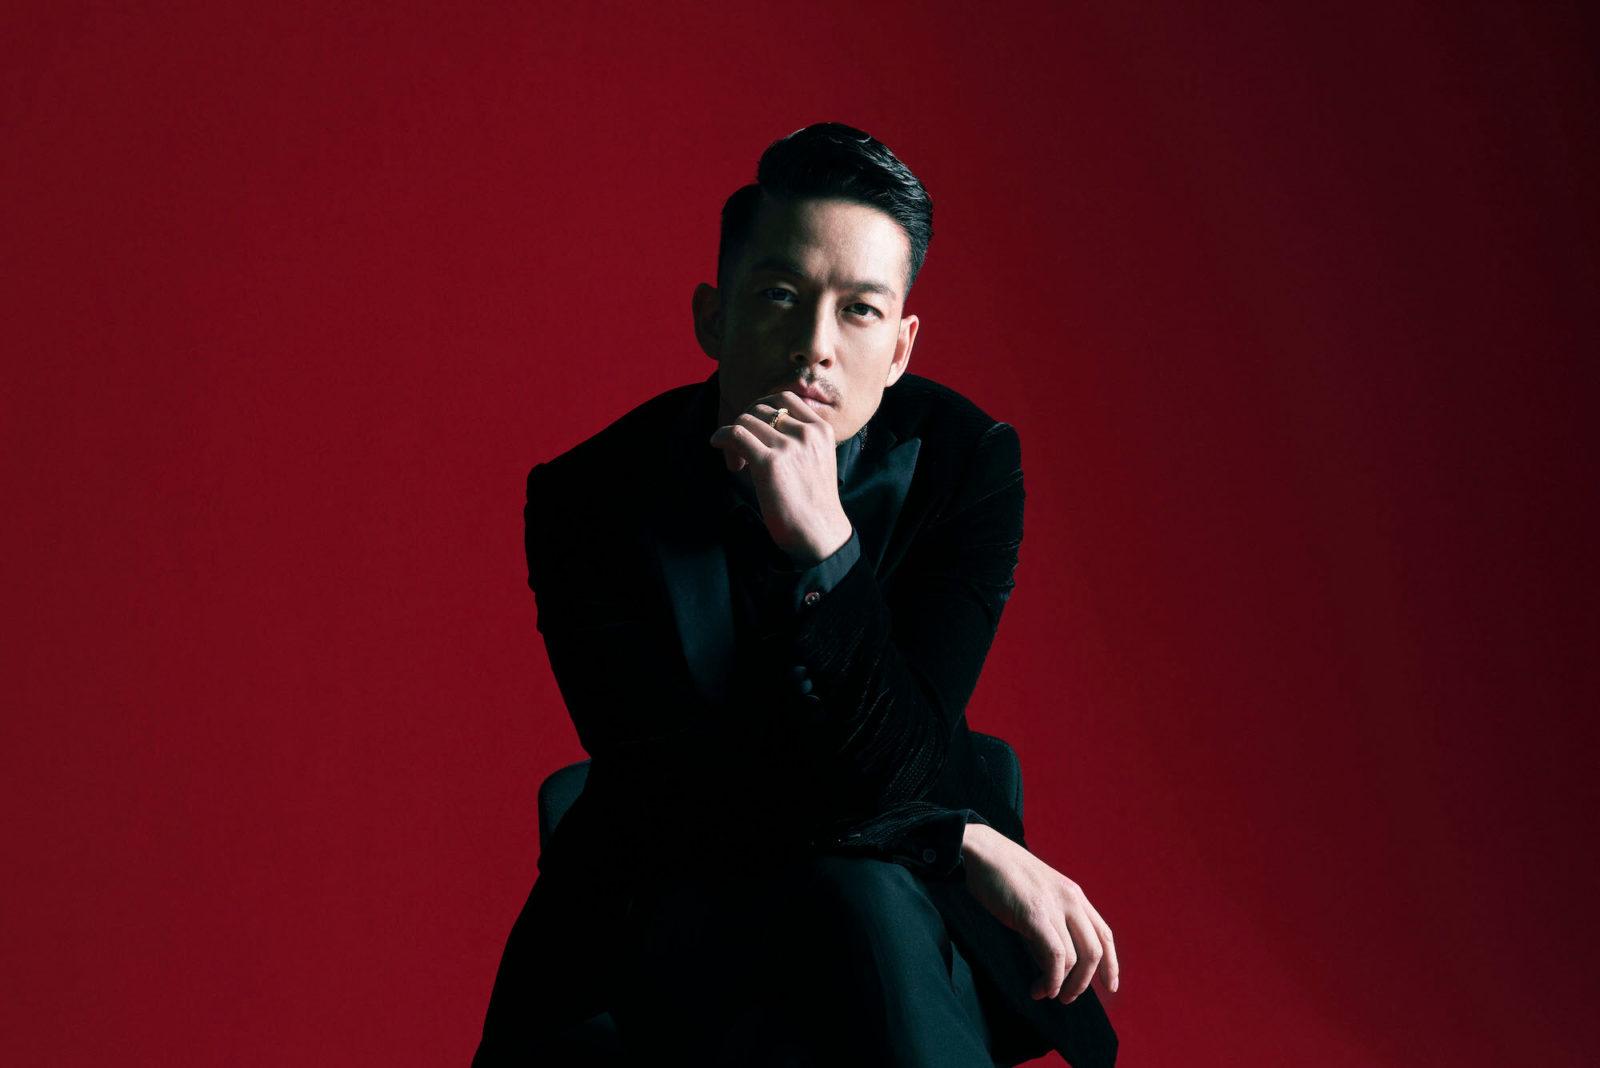 清木場俊介、NEW ALBUM「CHANGE」リリース&全国ホールツアーも開催決定サムネイル画像